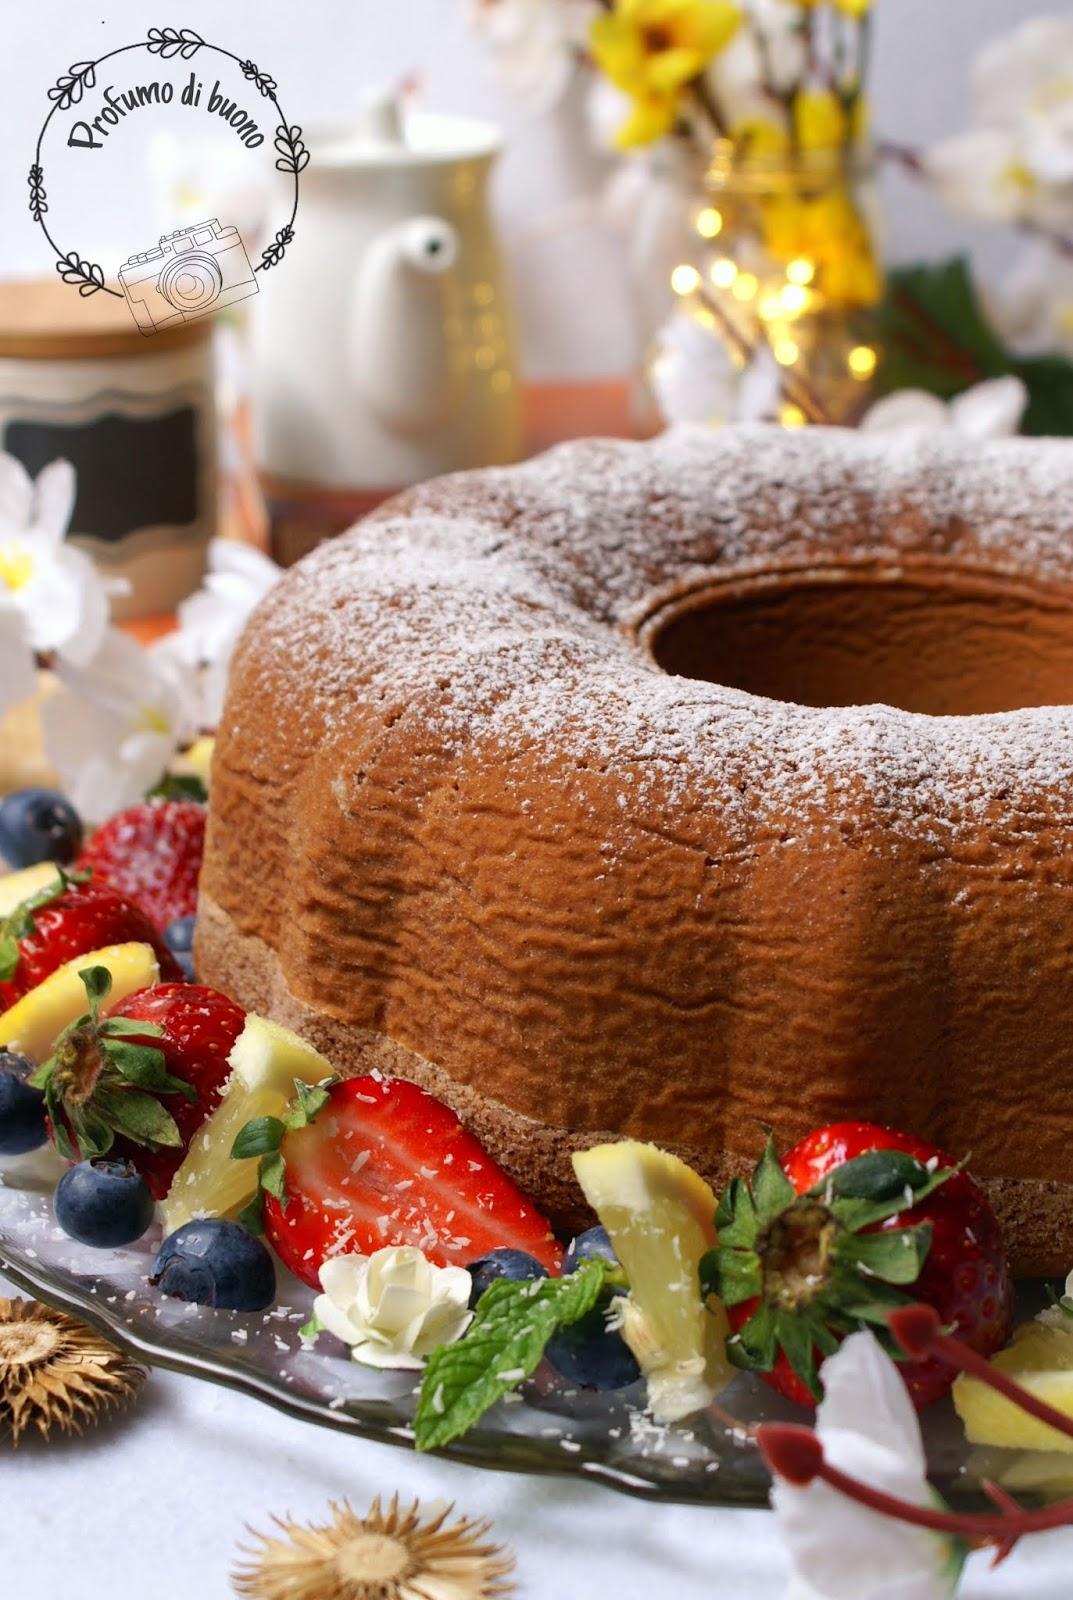 Ciambellone della nonna senza glutine con farine naturali ricoperto di zucchero a velo servito con frutta fresca